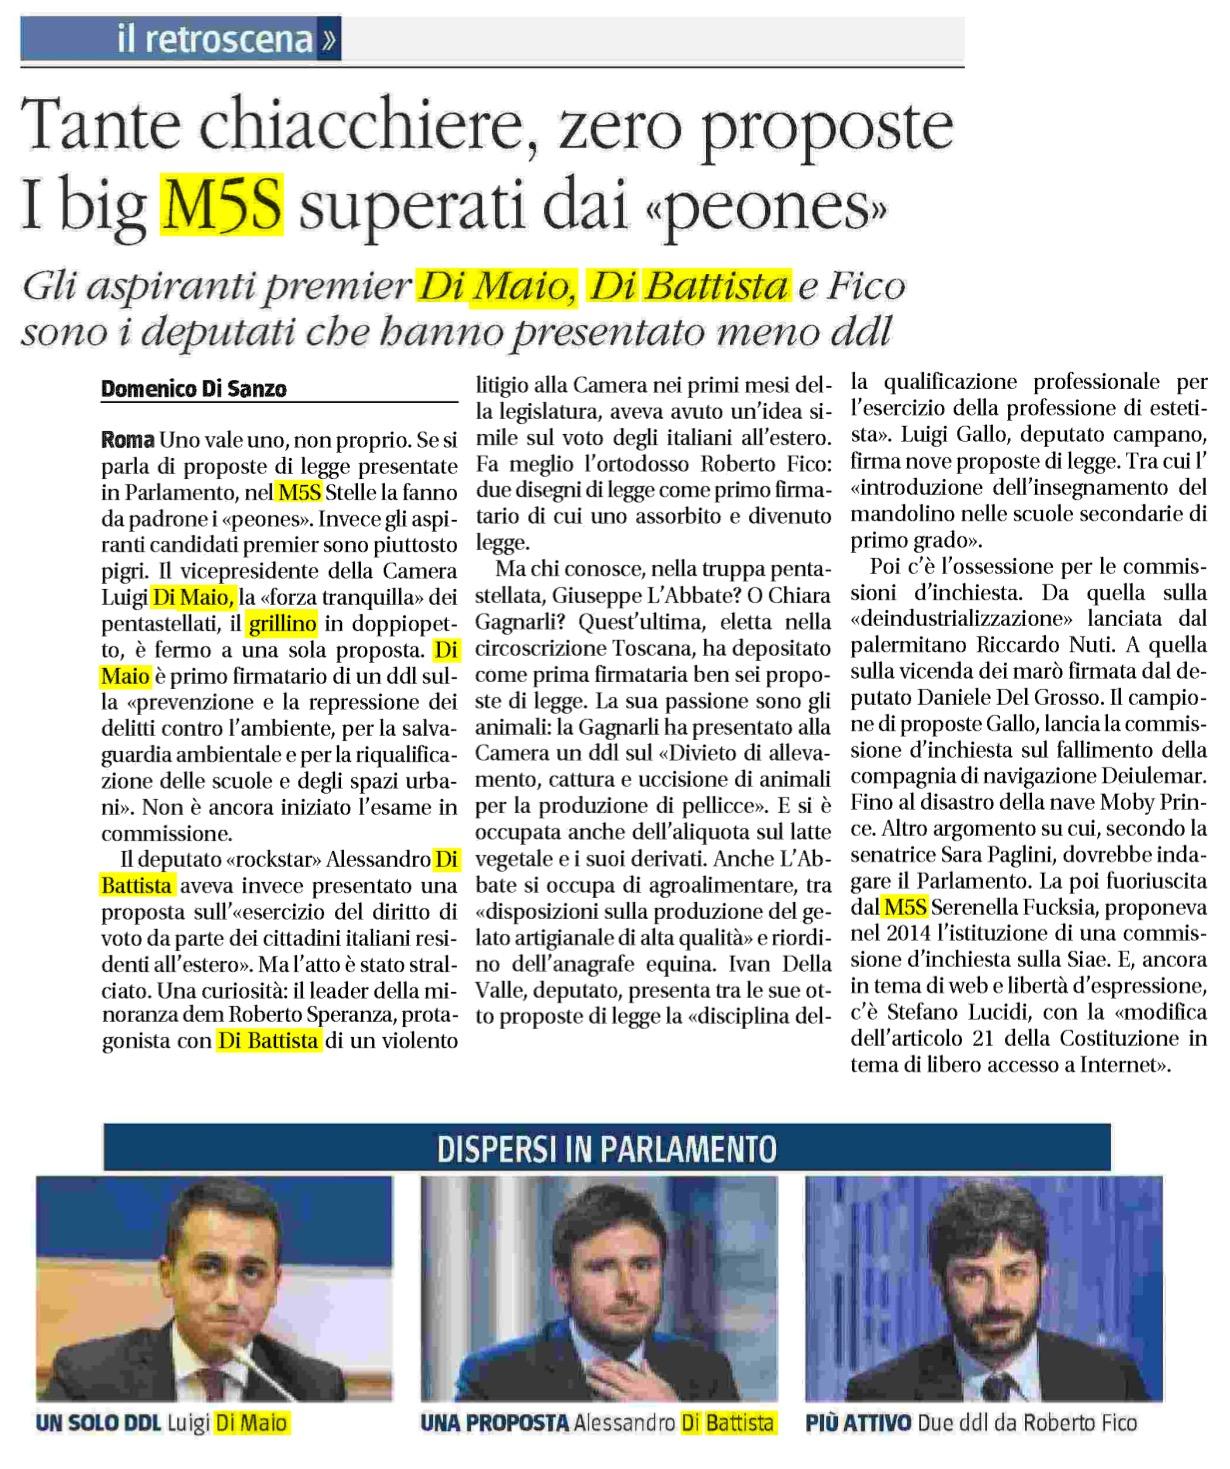 Il Giornale - 09.01.2017